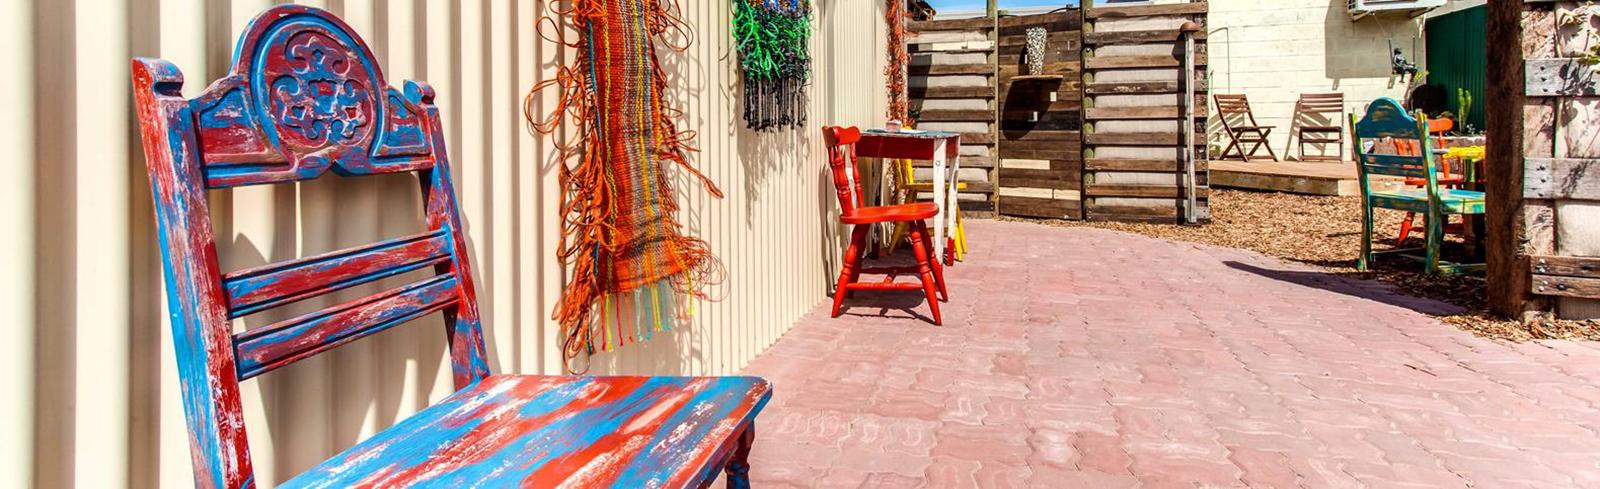 Wabi-Sabi-public-gallery-garden-Kingscote